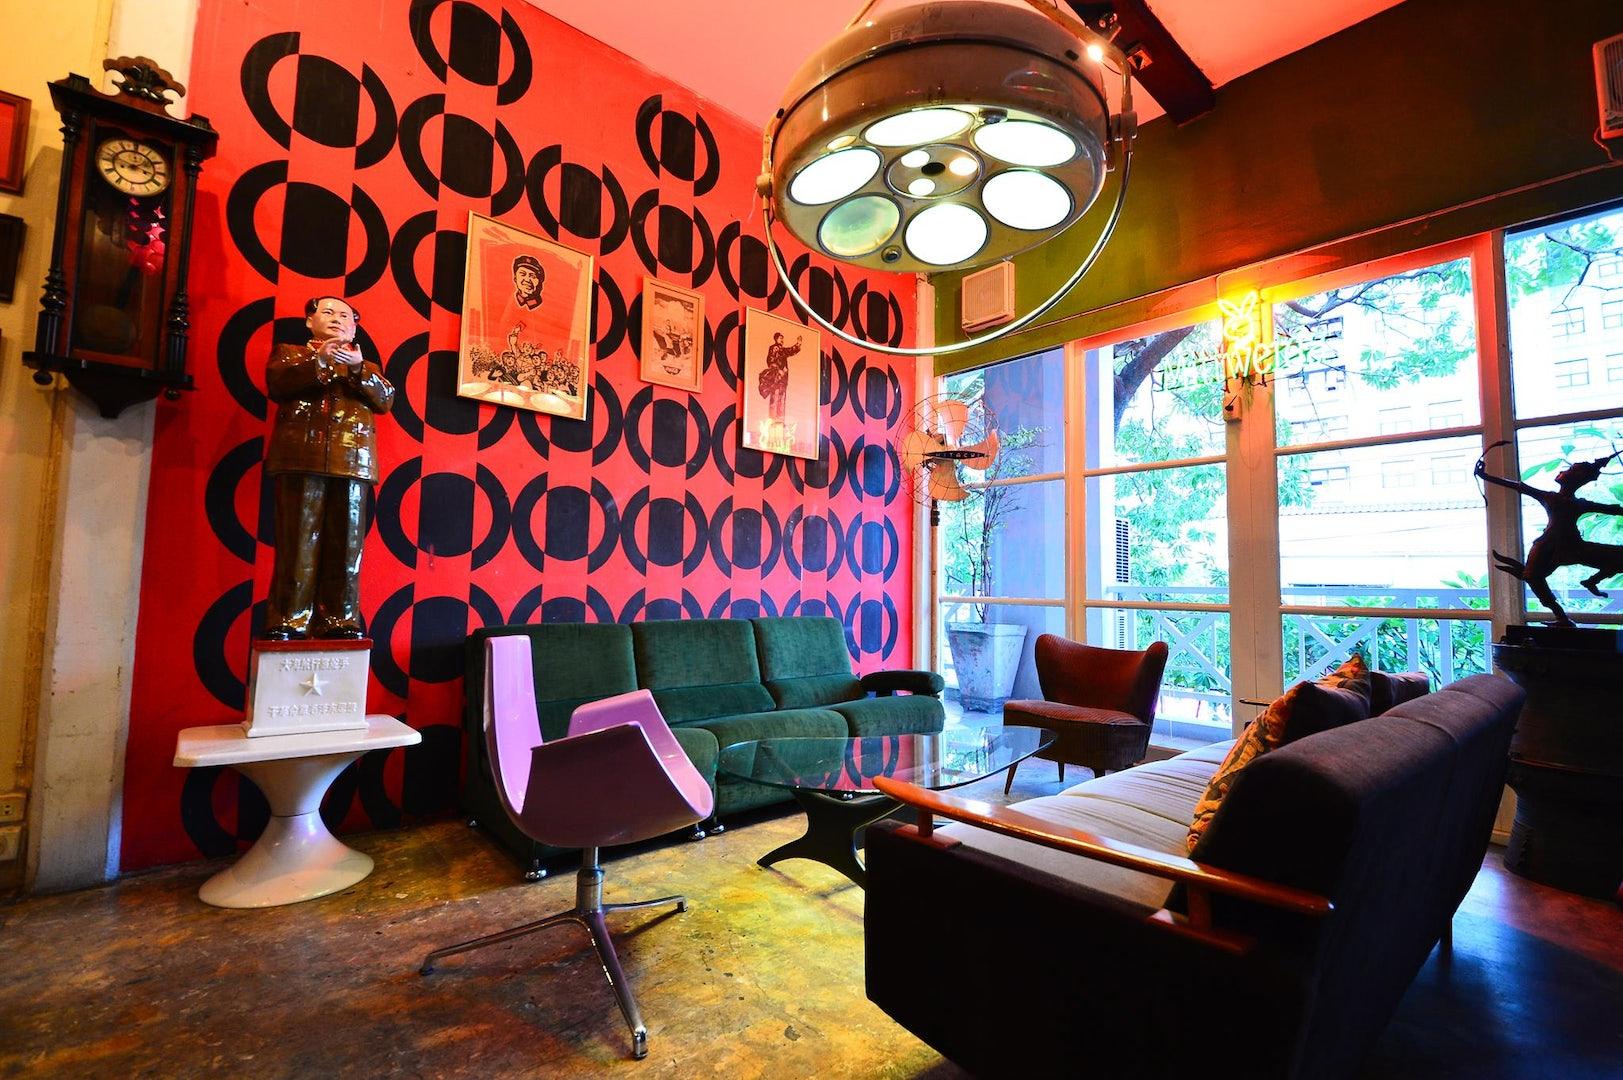 interior of Tuba bar